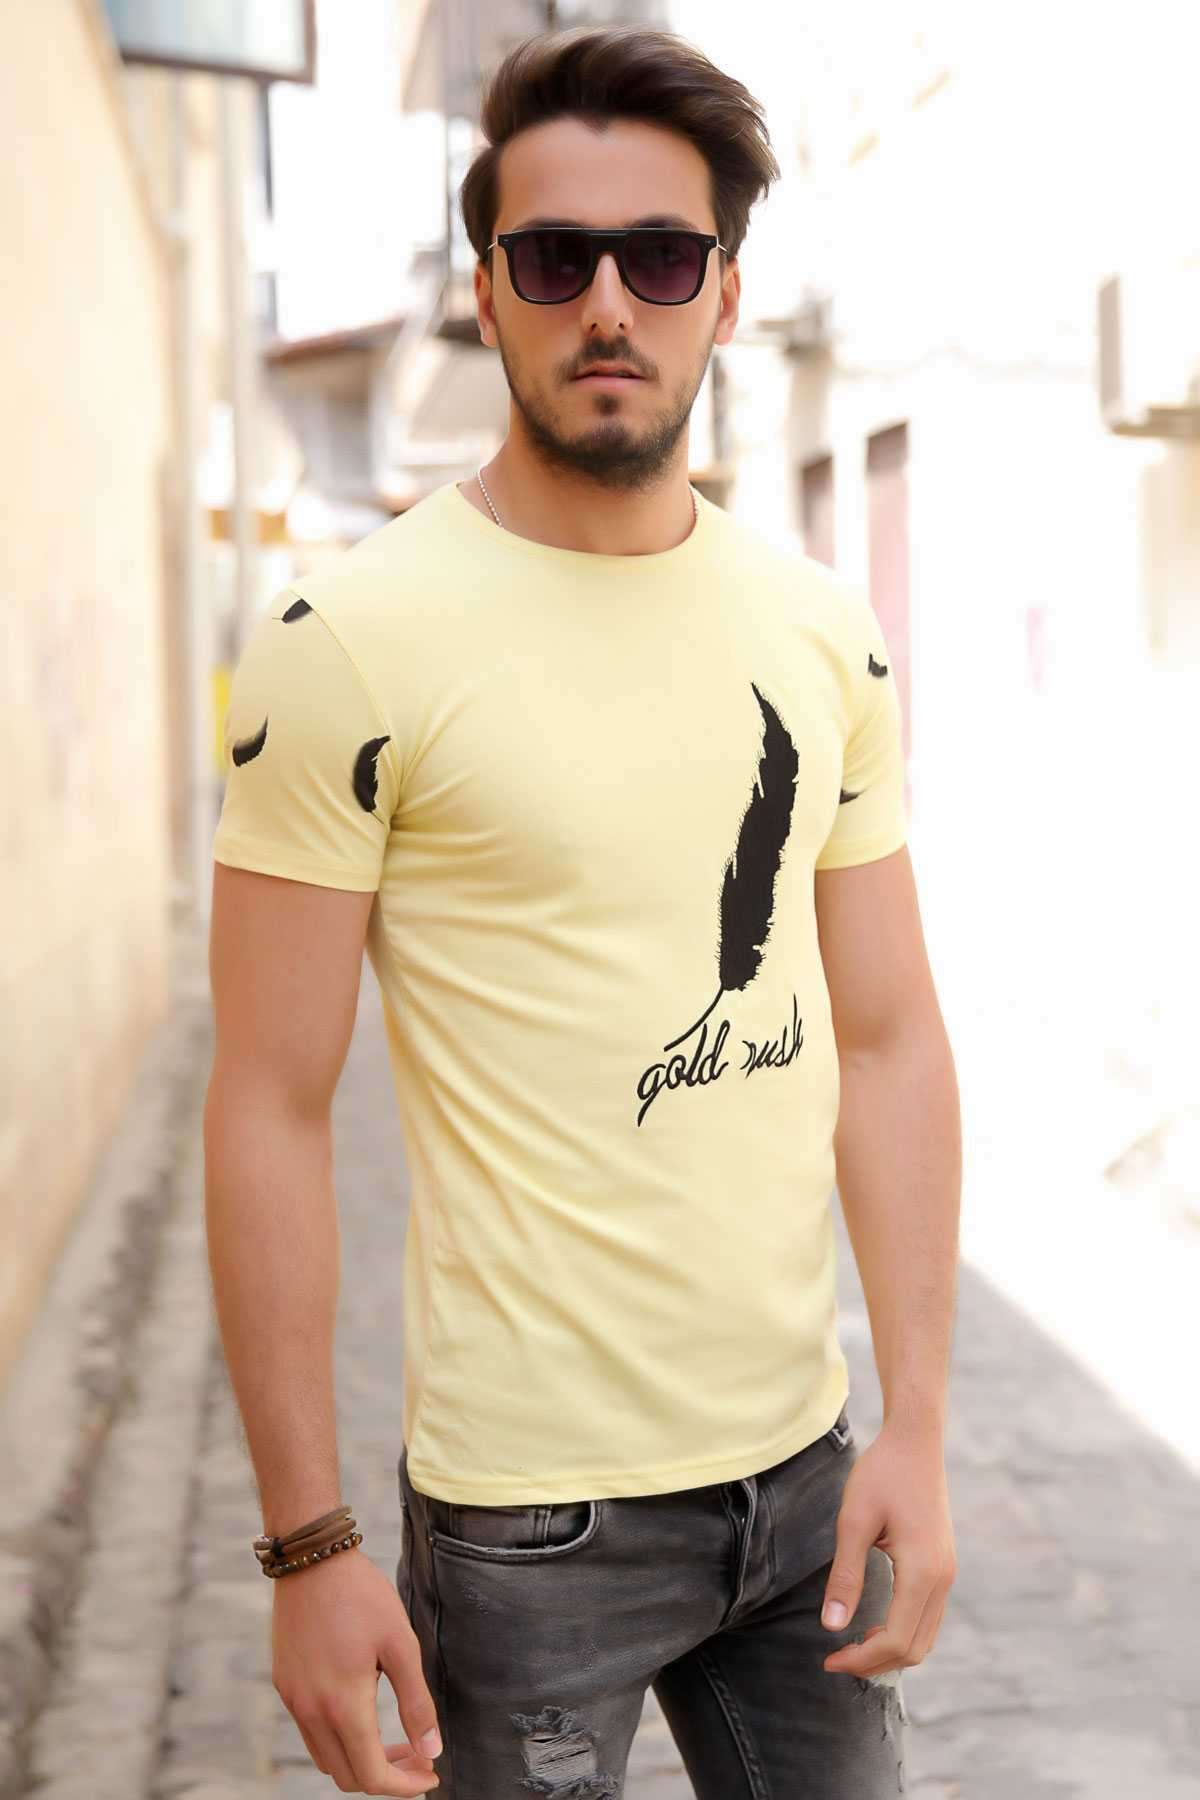 Önü Nakış İşleme Tüy Desenli Kolları Tüy Baskılı Tişört Sarı